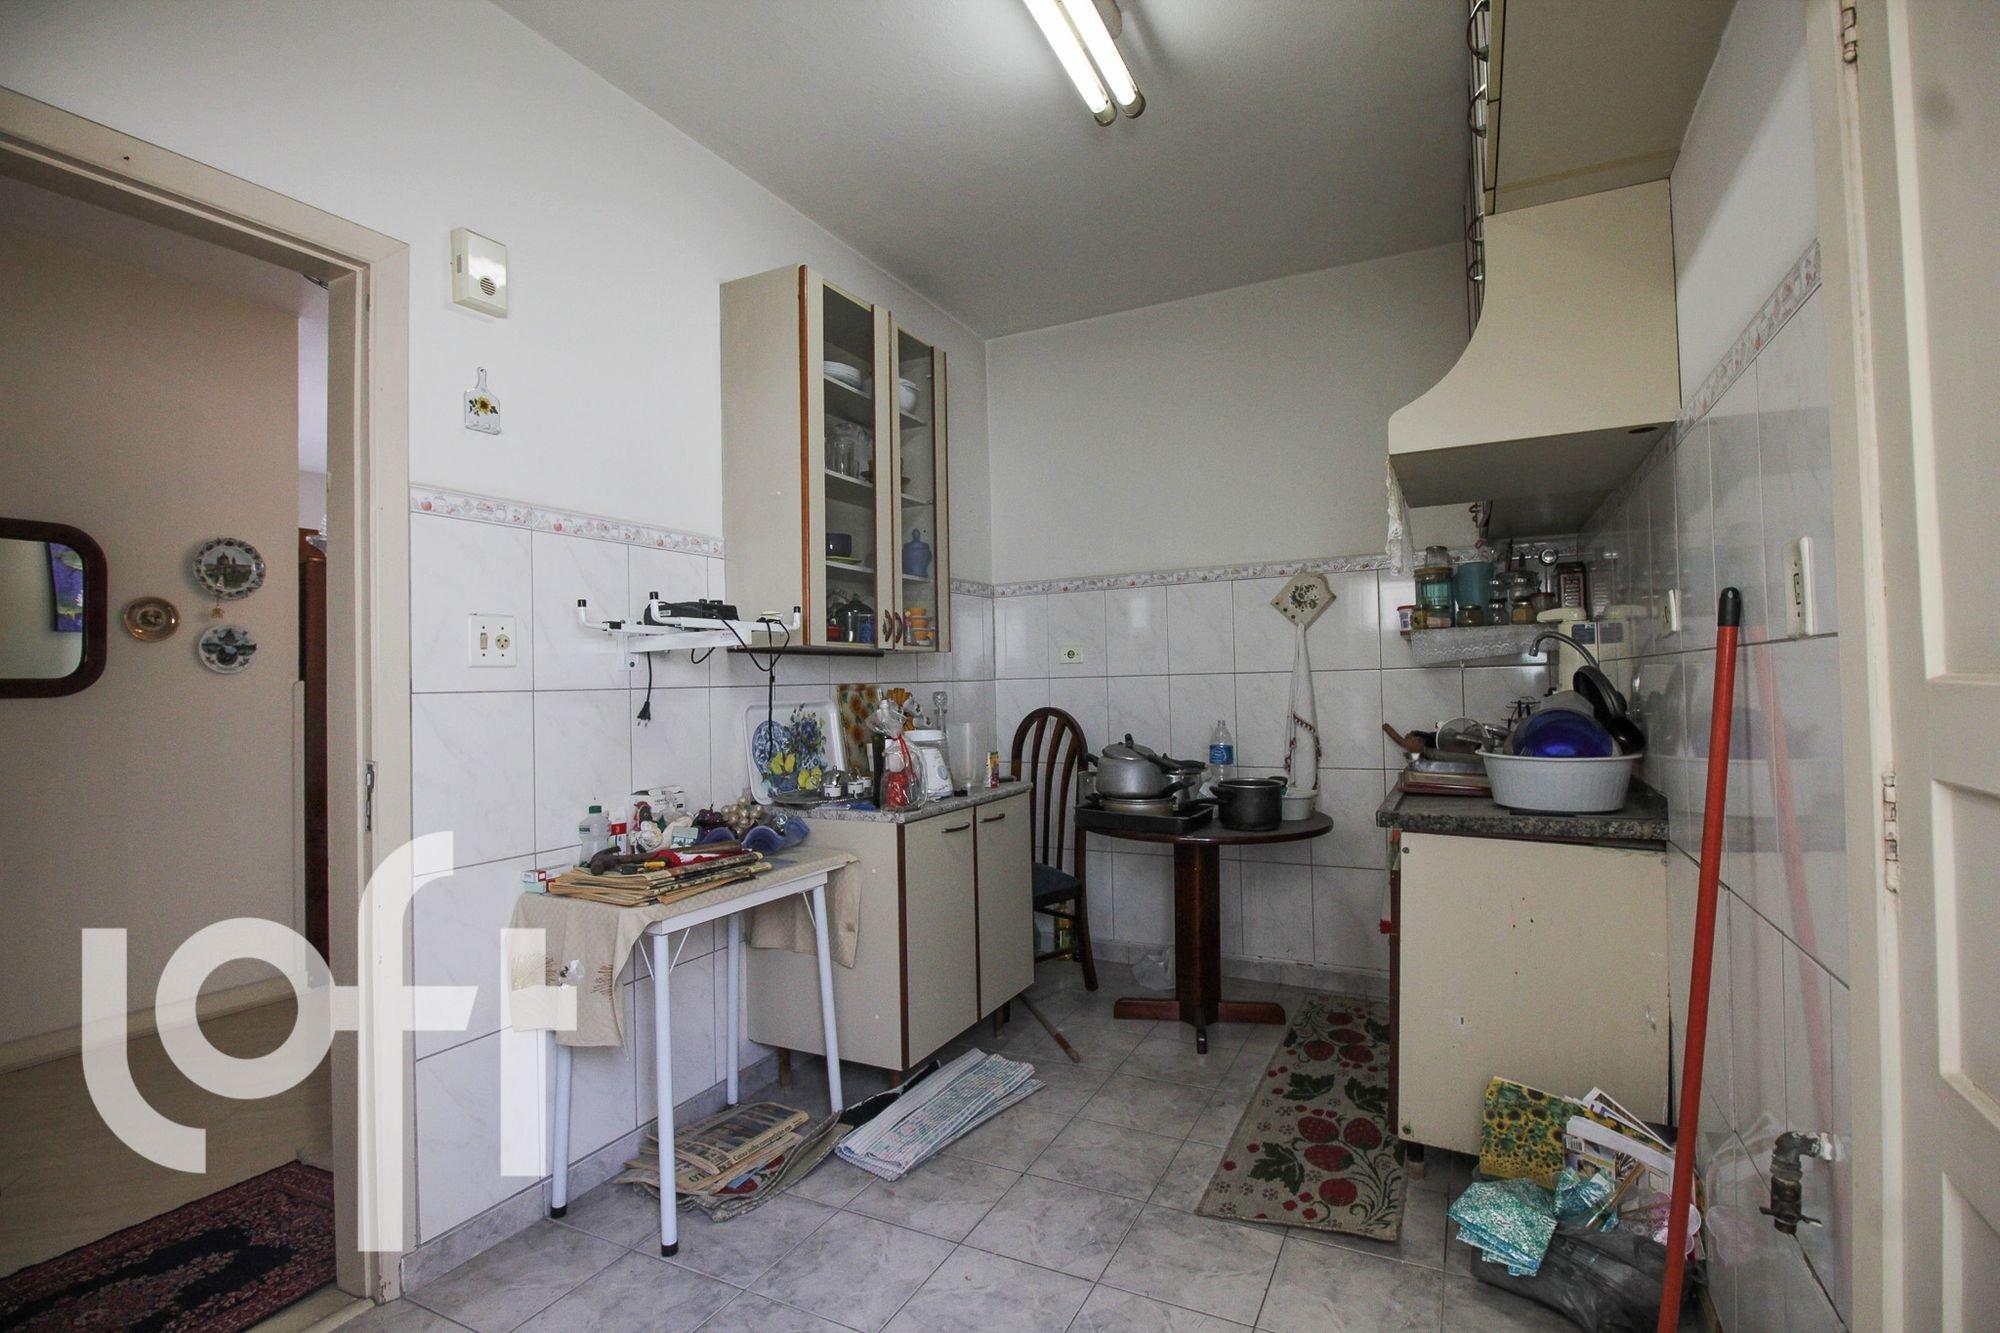 Foto de Cozinha com tigela, maçã, garrafa